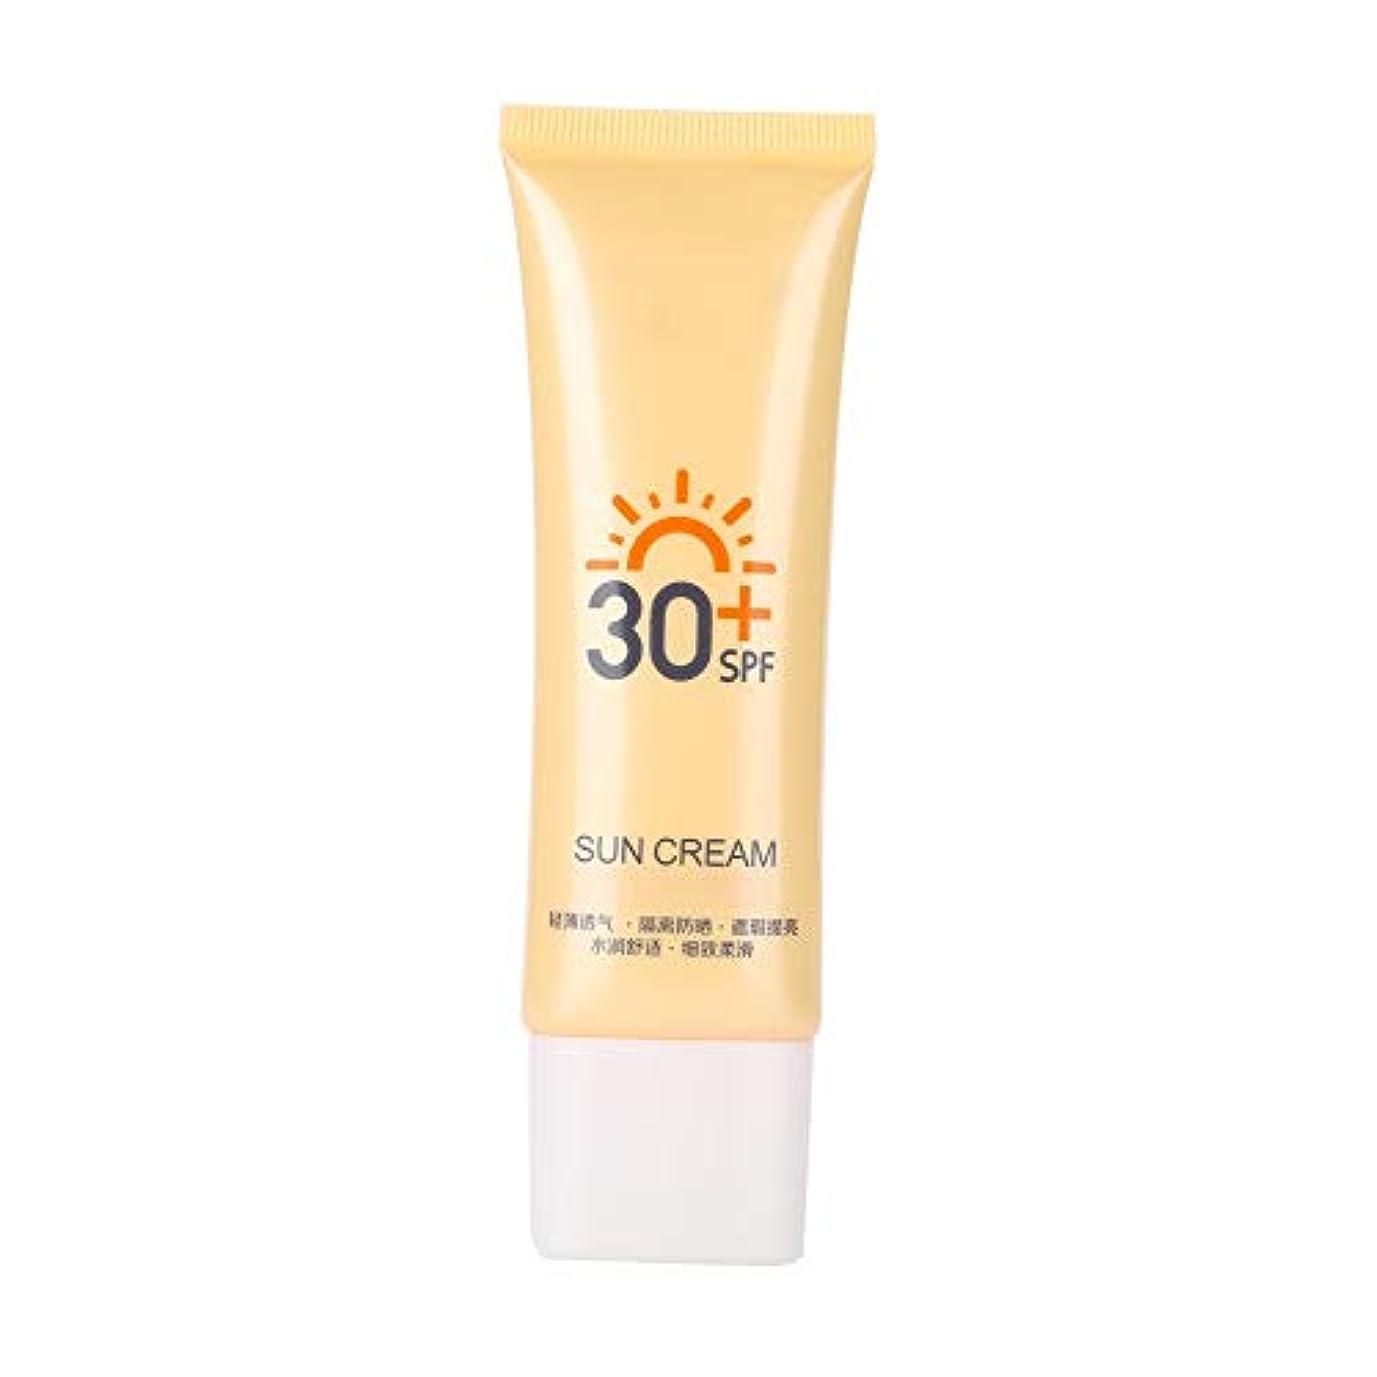 忌み嫌う目指す批判的に日焼け止め、日焼け止め、日焼け止めを白くする、保湿日焼け止めをする、さわやかで潤いを与える保湿日焼け止めを塗る、撥水および汗止め、分離40g